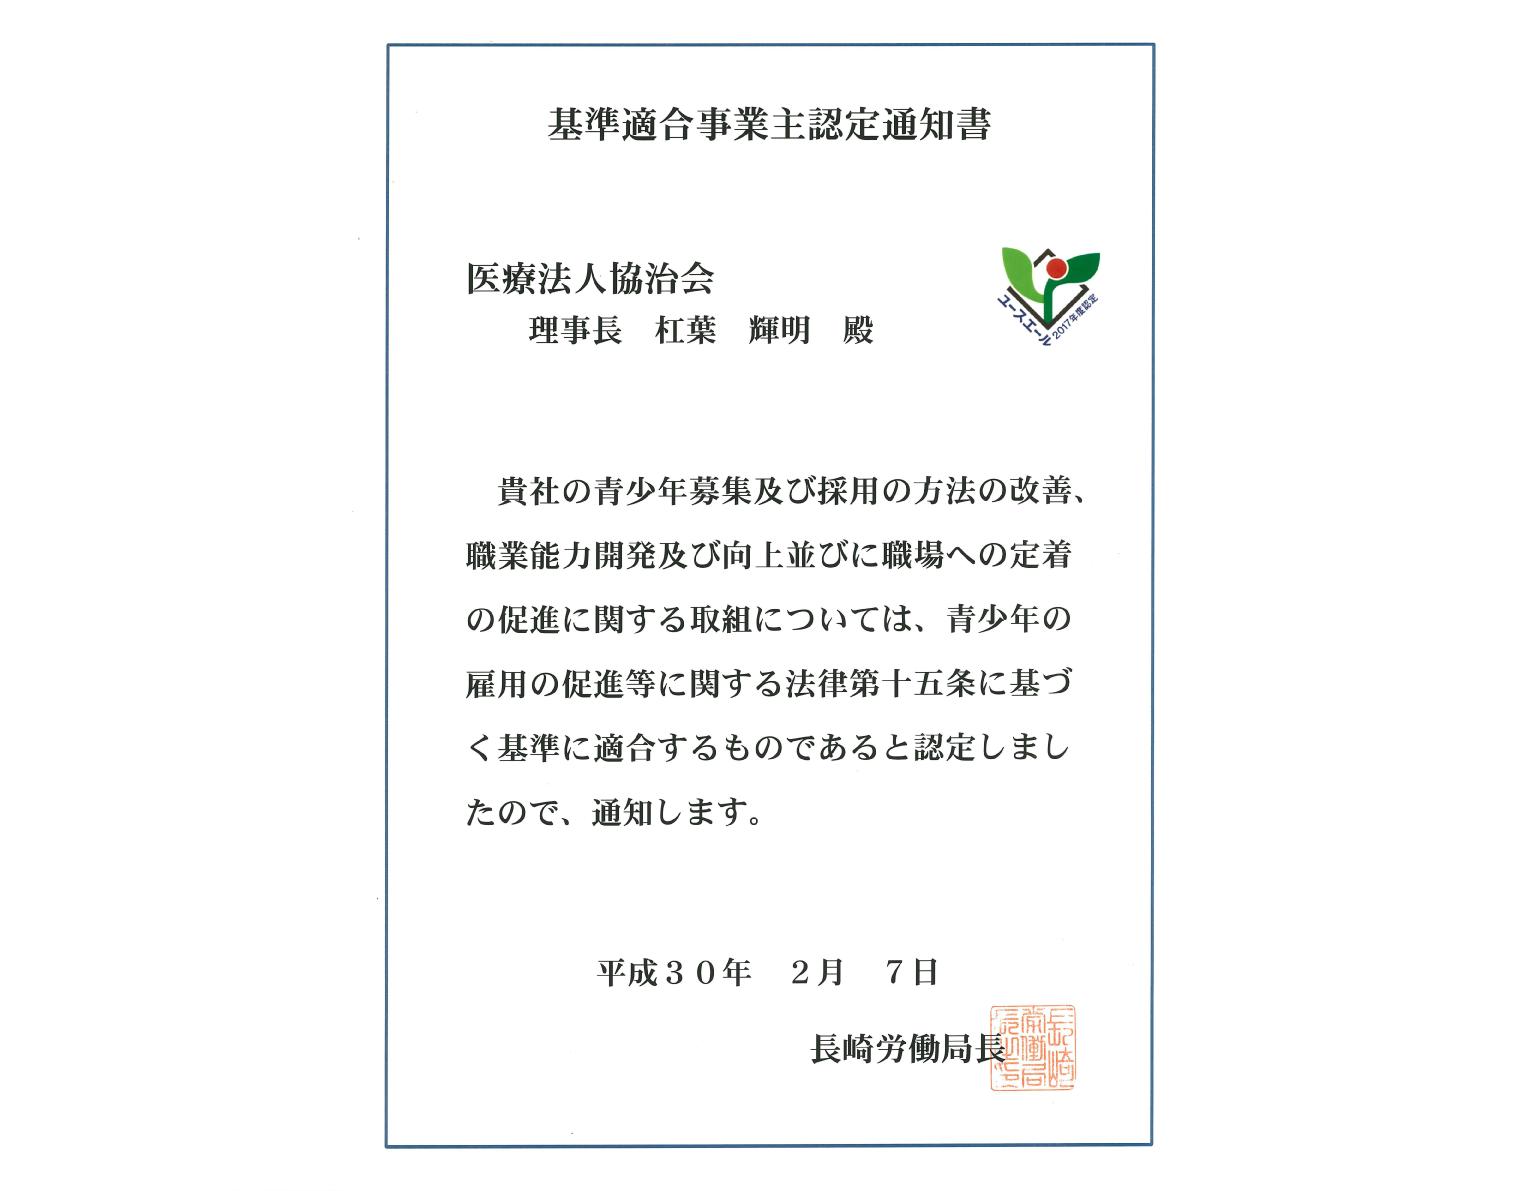 「ユースエール」を医療法人で長崎県下初認定